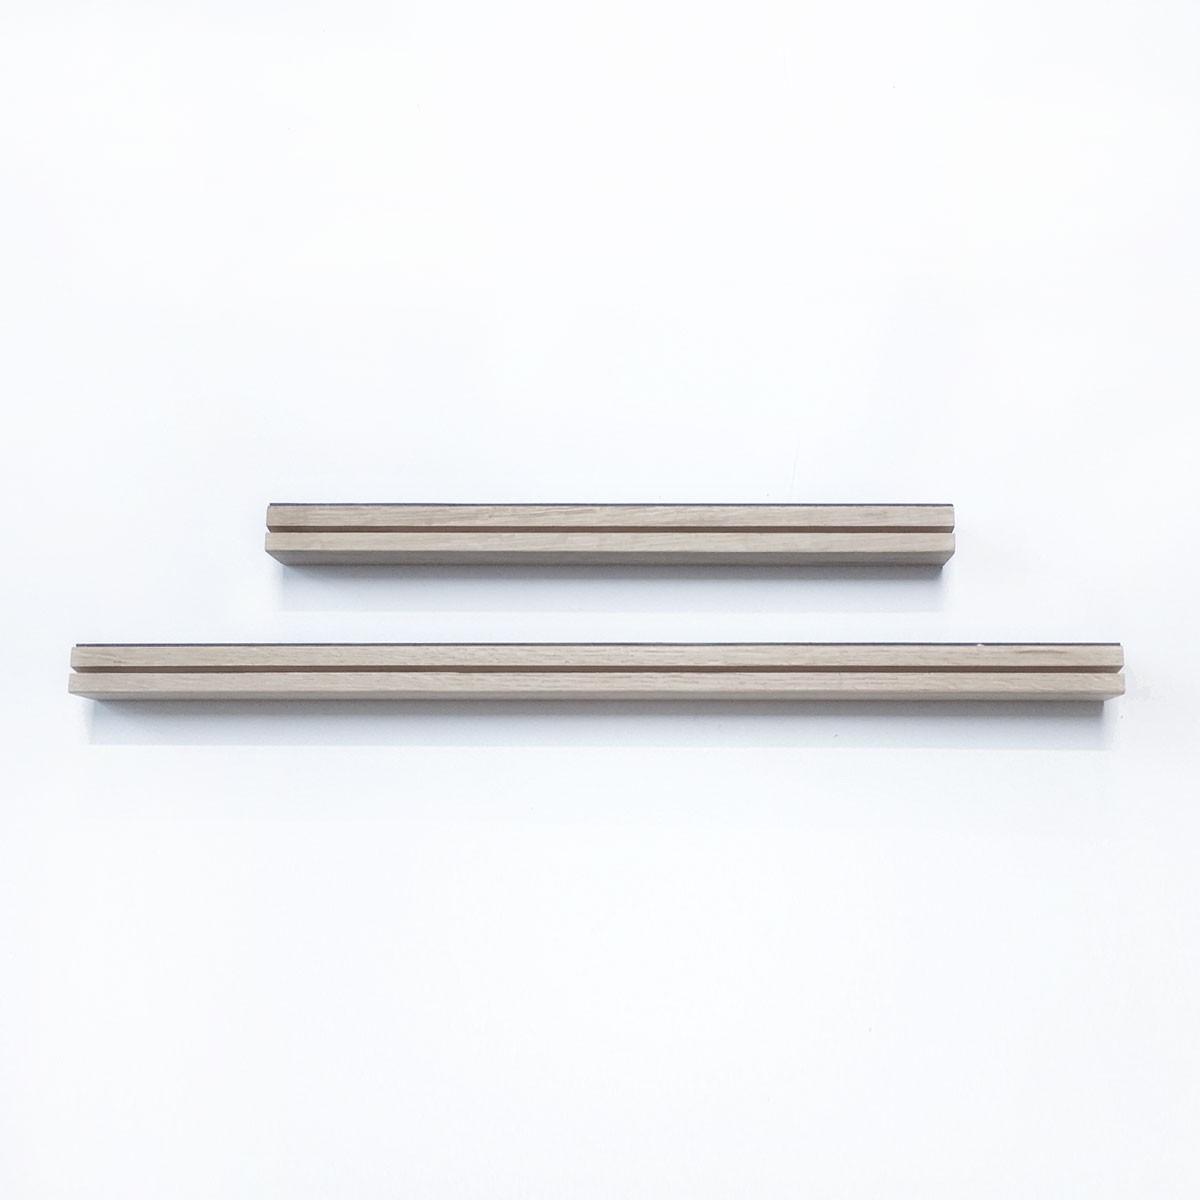 Poliță din lemn pentru tapet magnetic